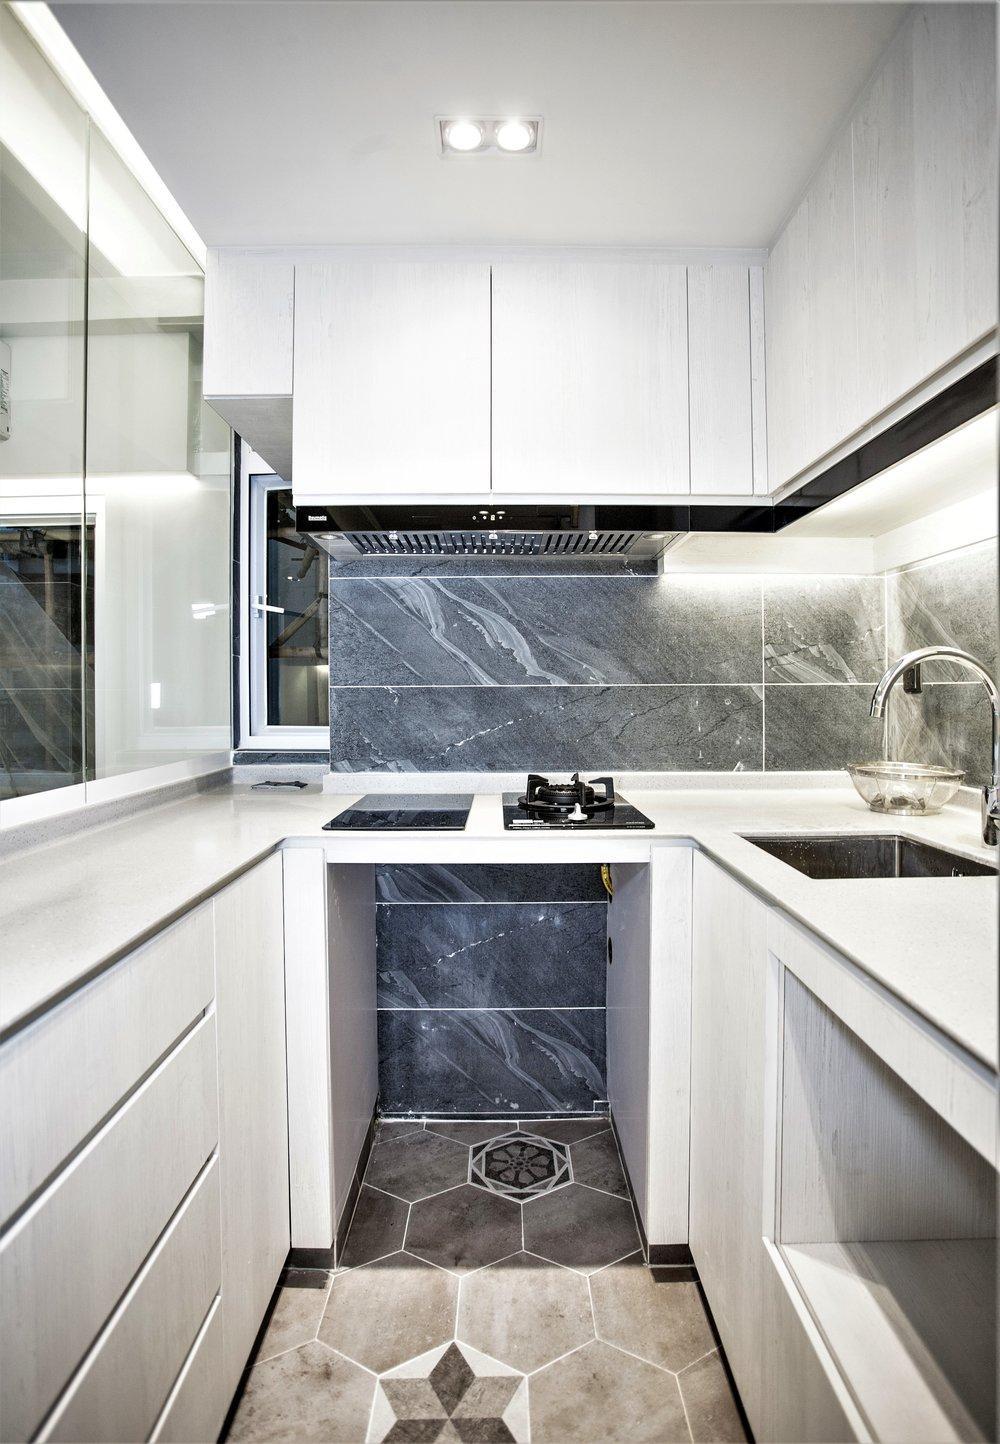 廚房-1 - 複製.JPG